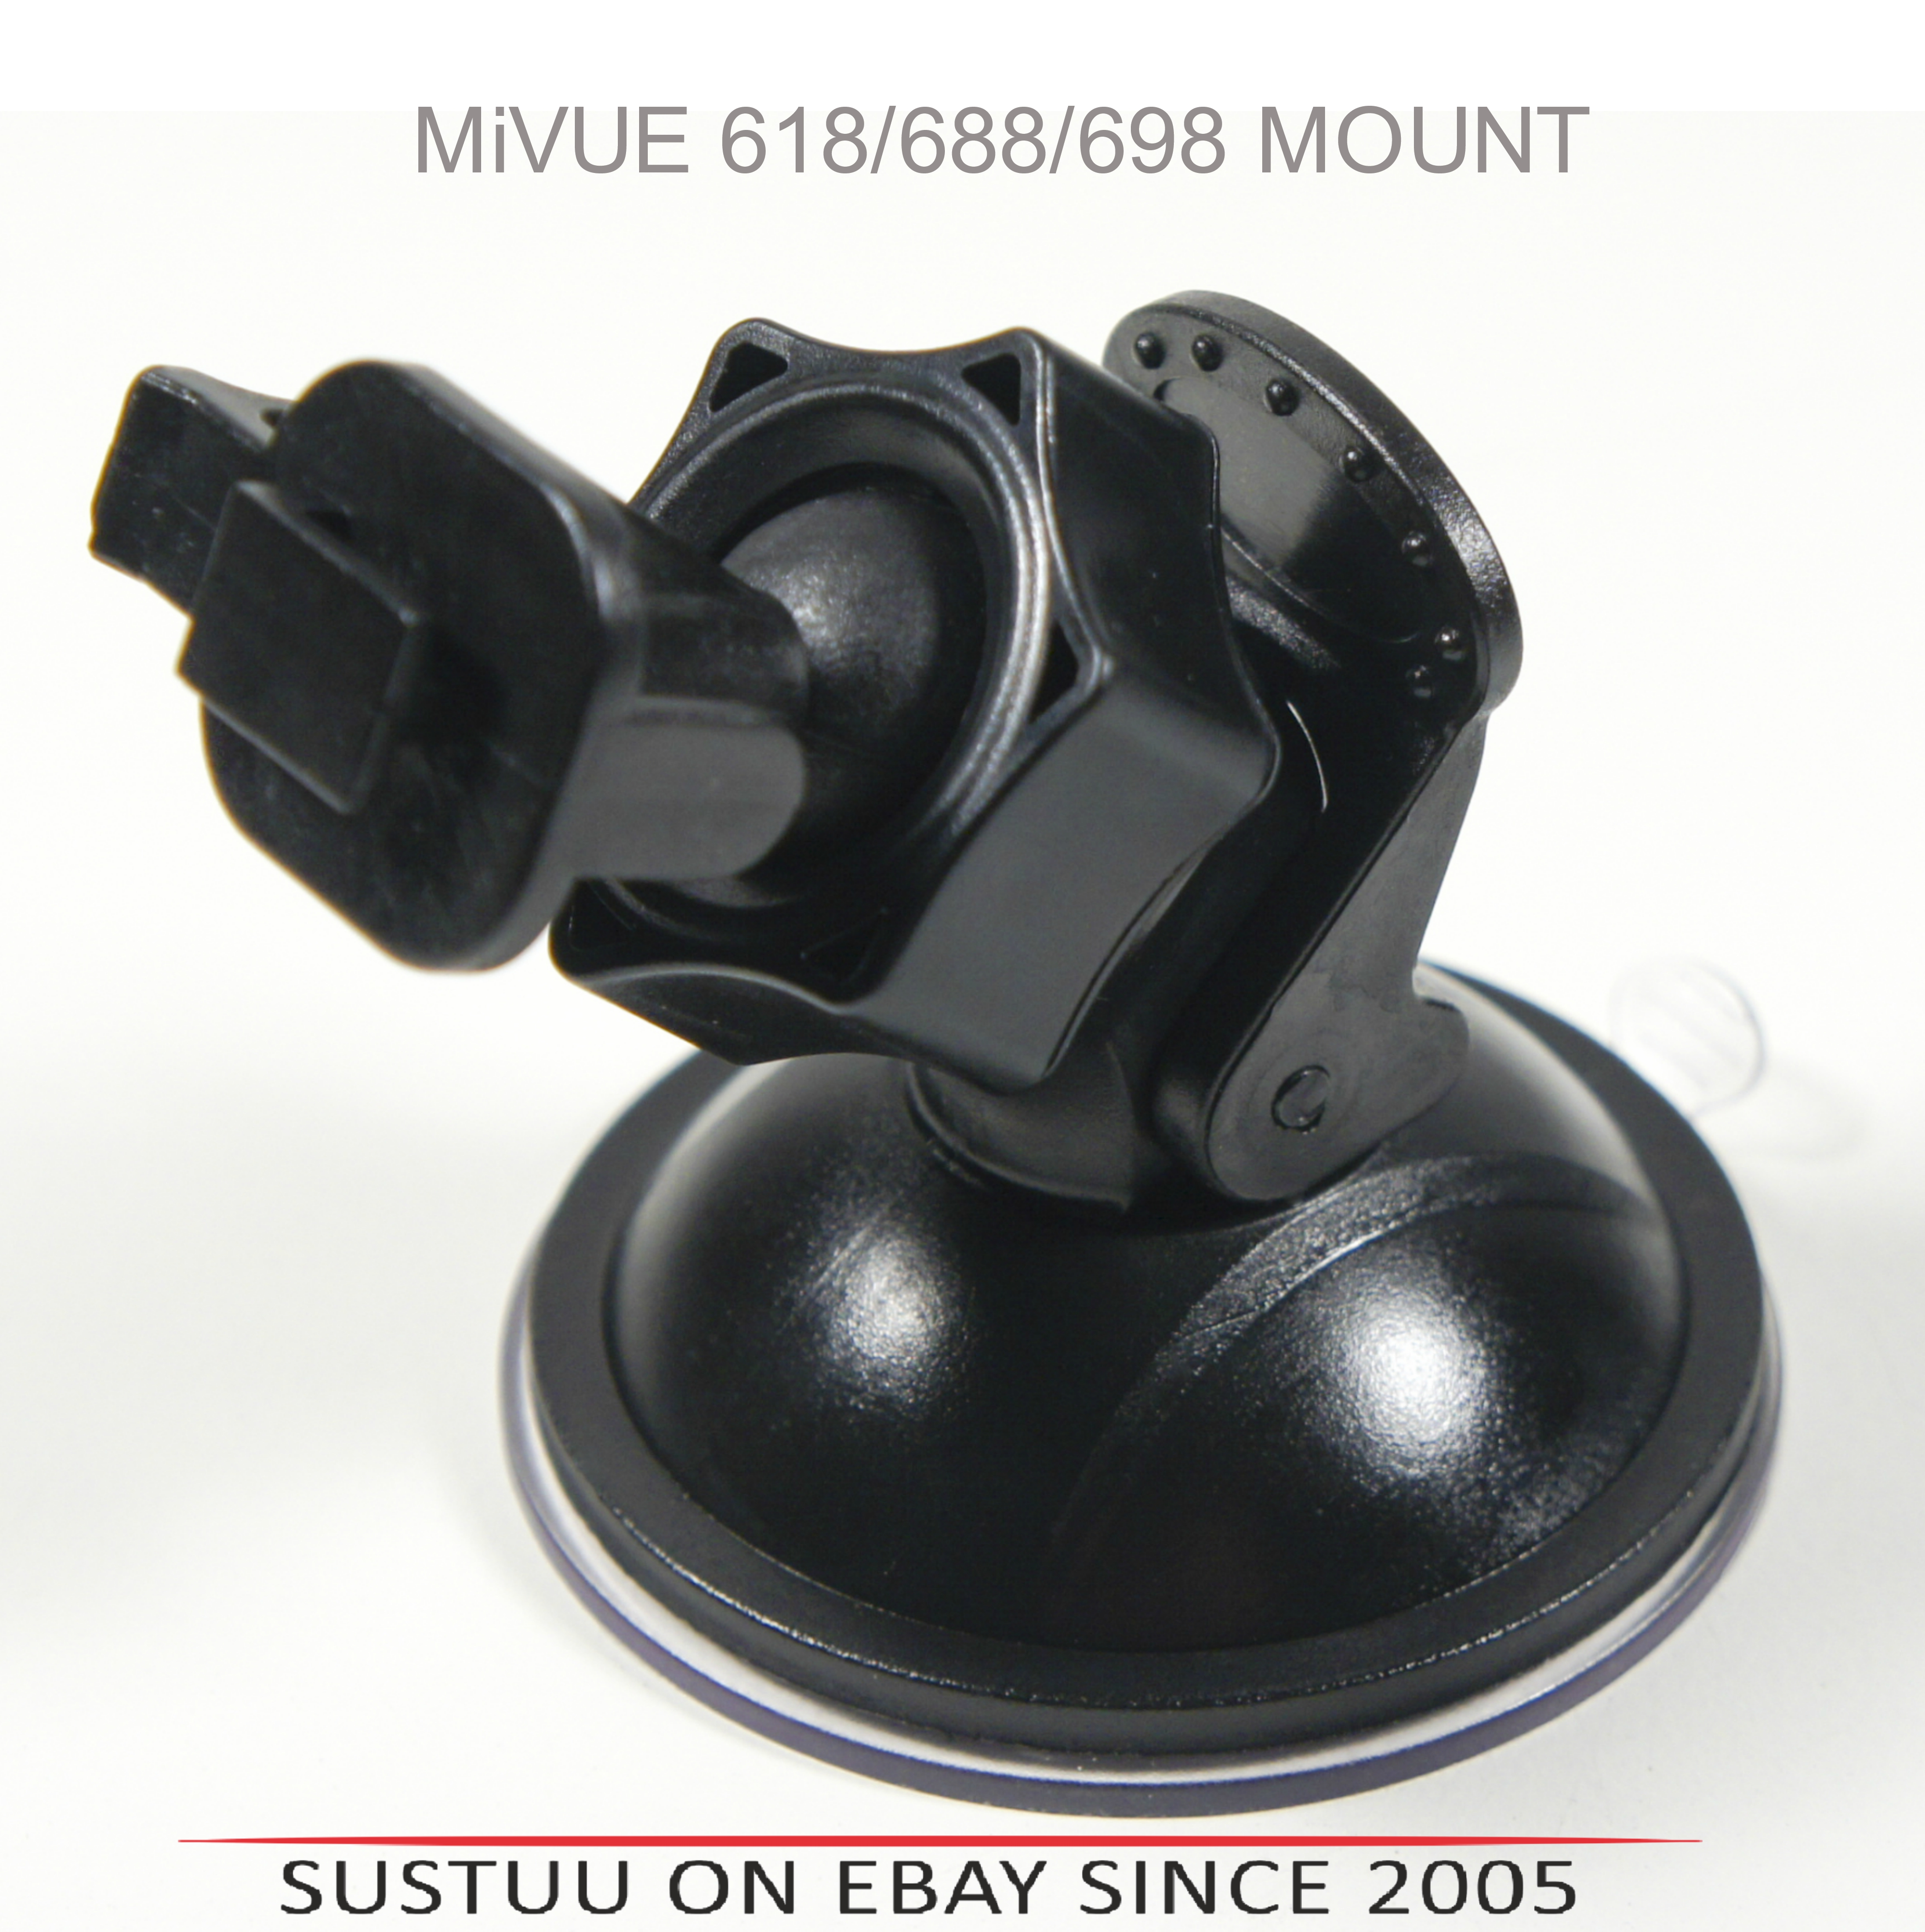 MiVUE 5416N5000015 Additional windscreen mount for Mivue 608/618/688